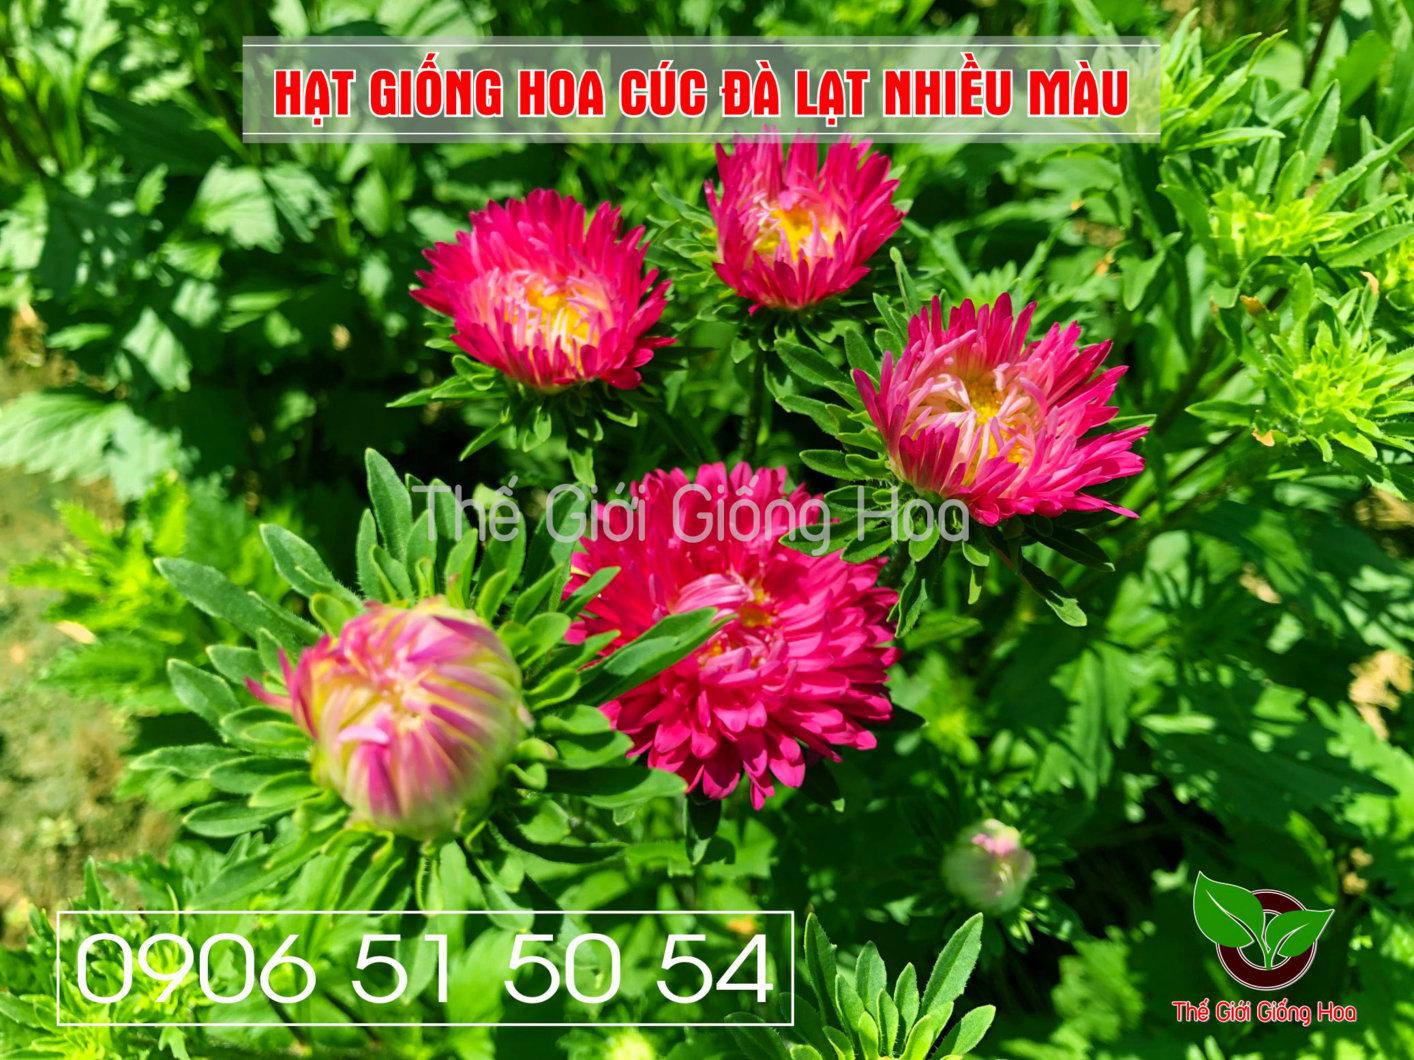 cuc-dalat-nhieu-mau-16-jpg.48699